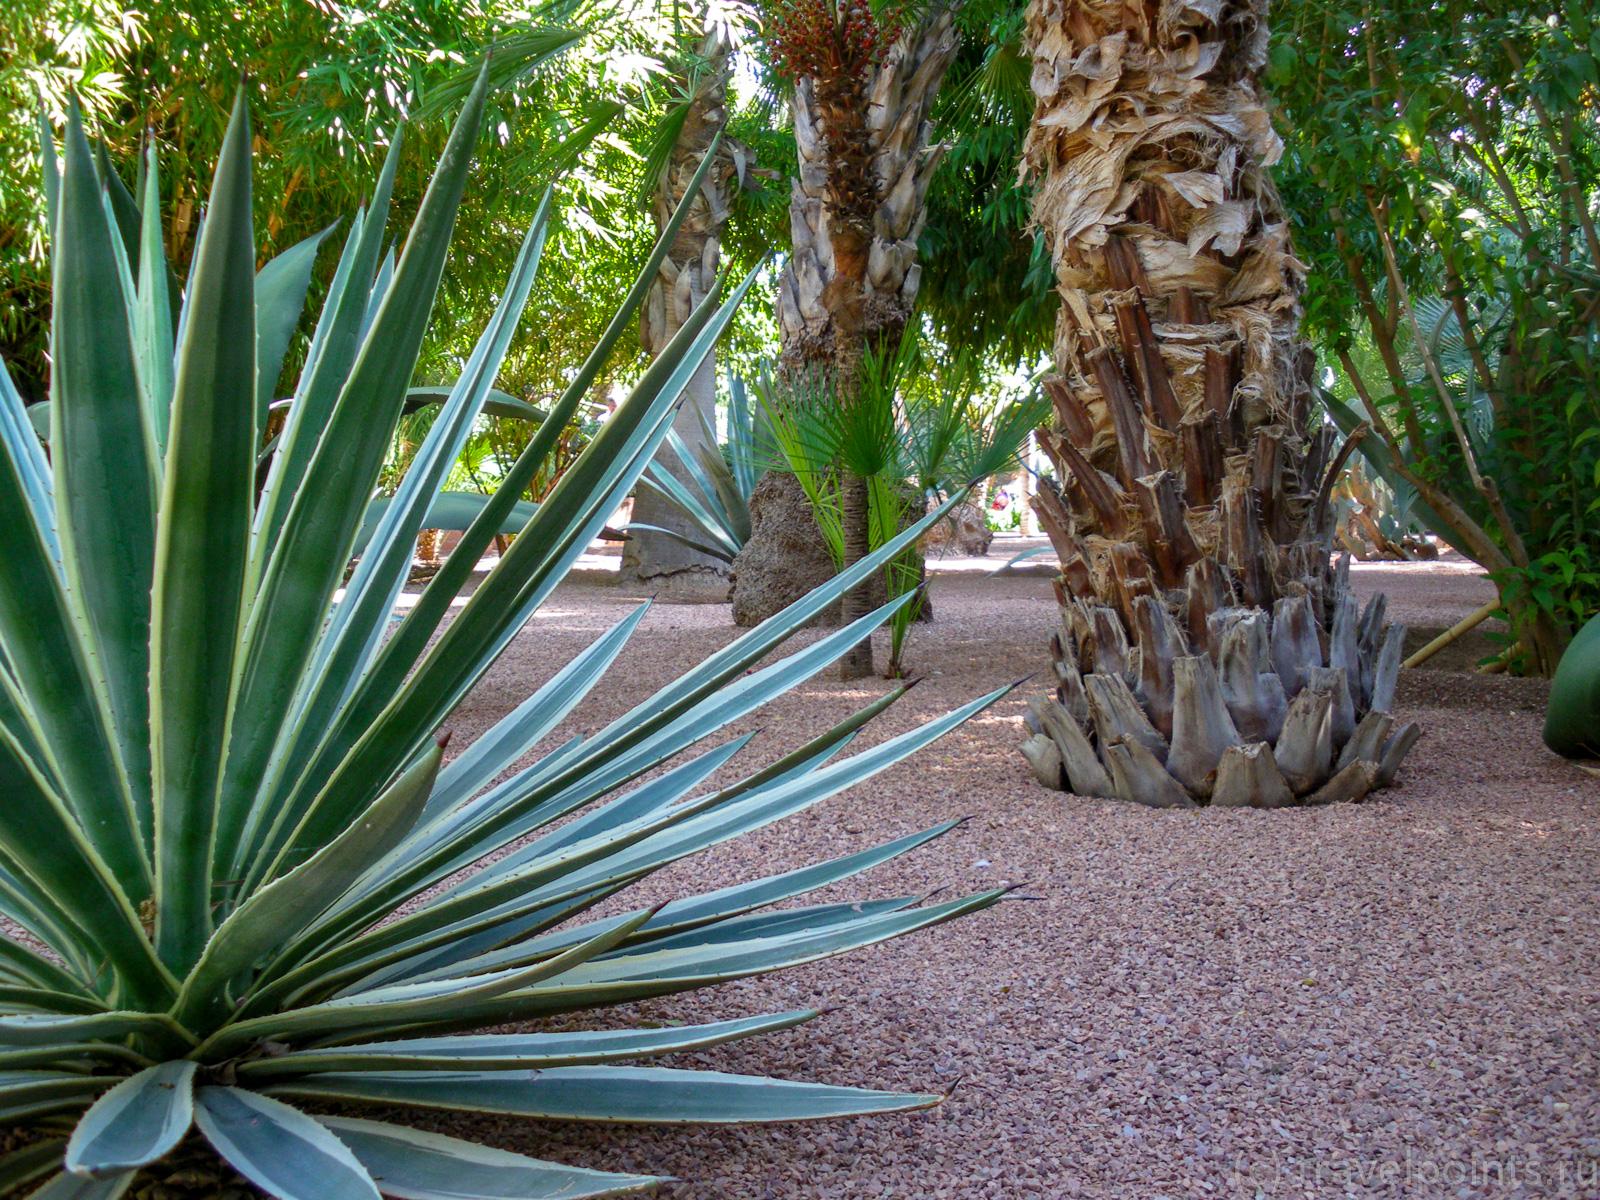 Кусочек агавы и  пальмы